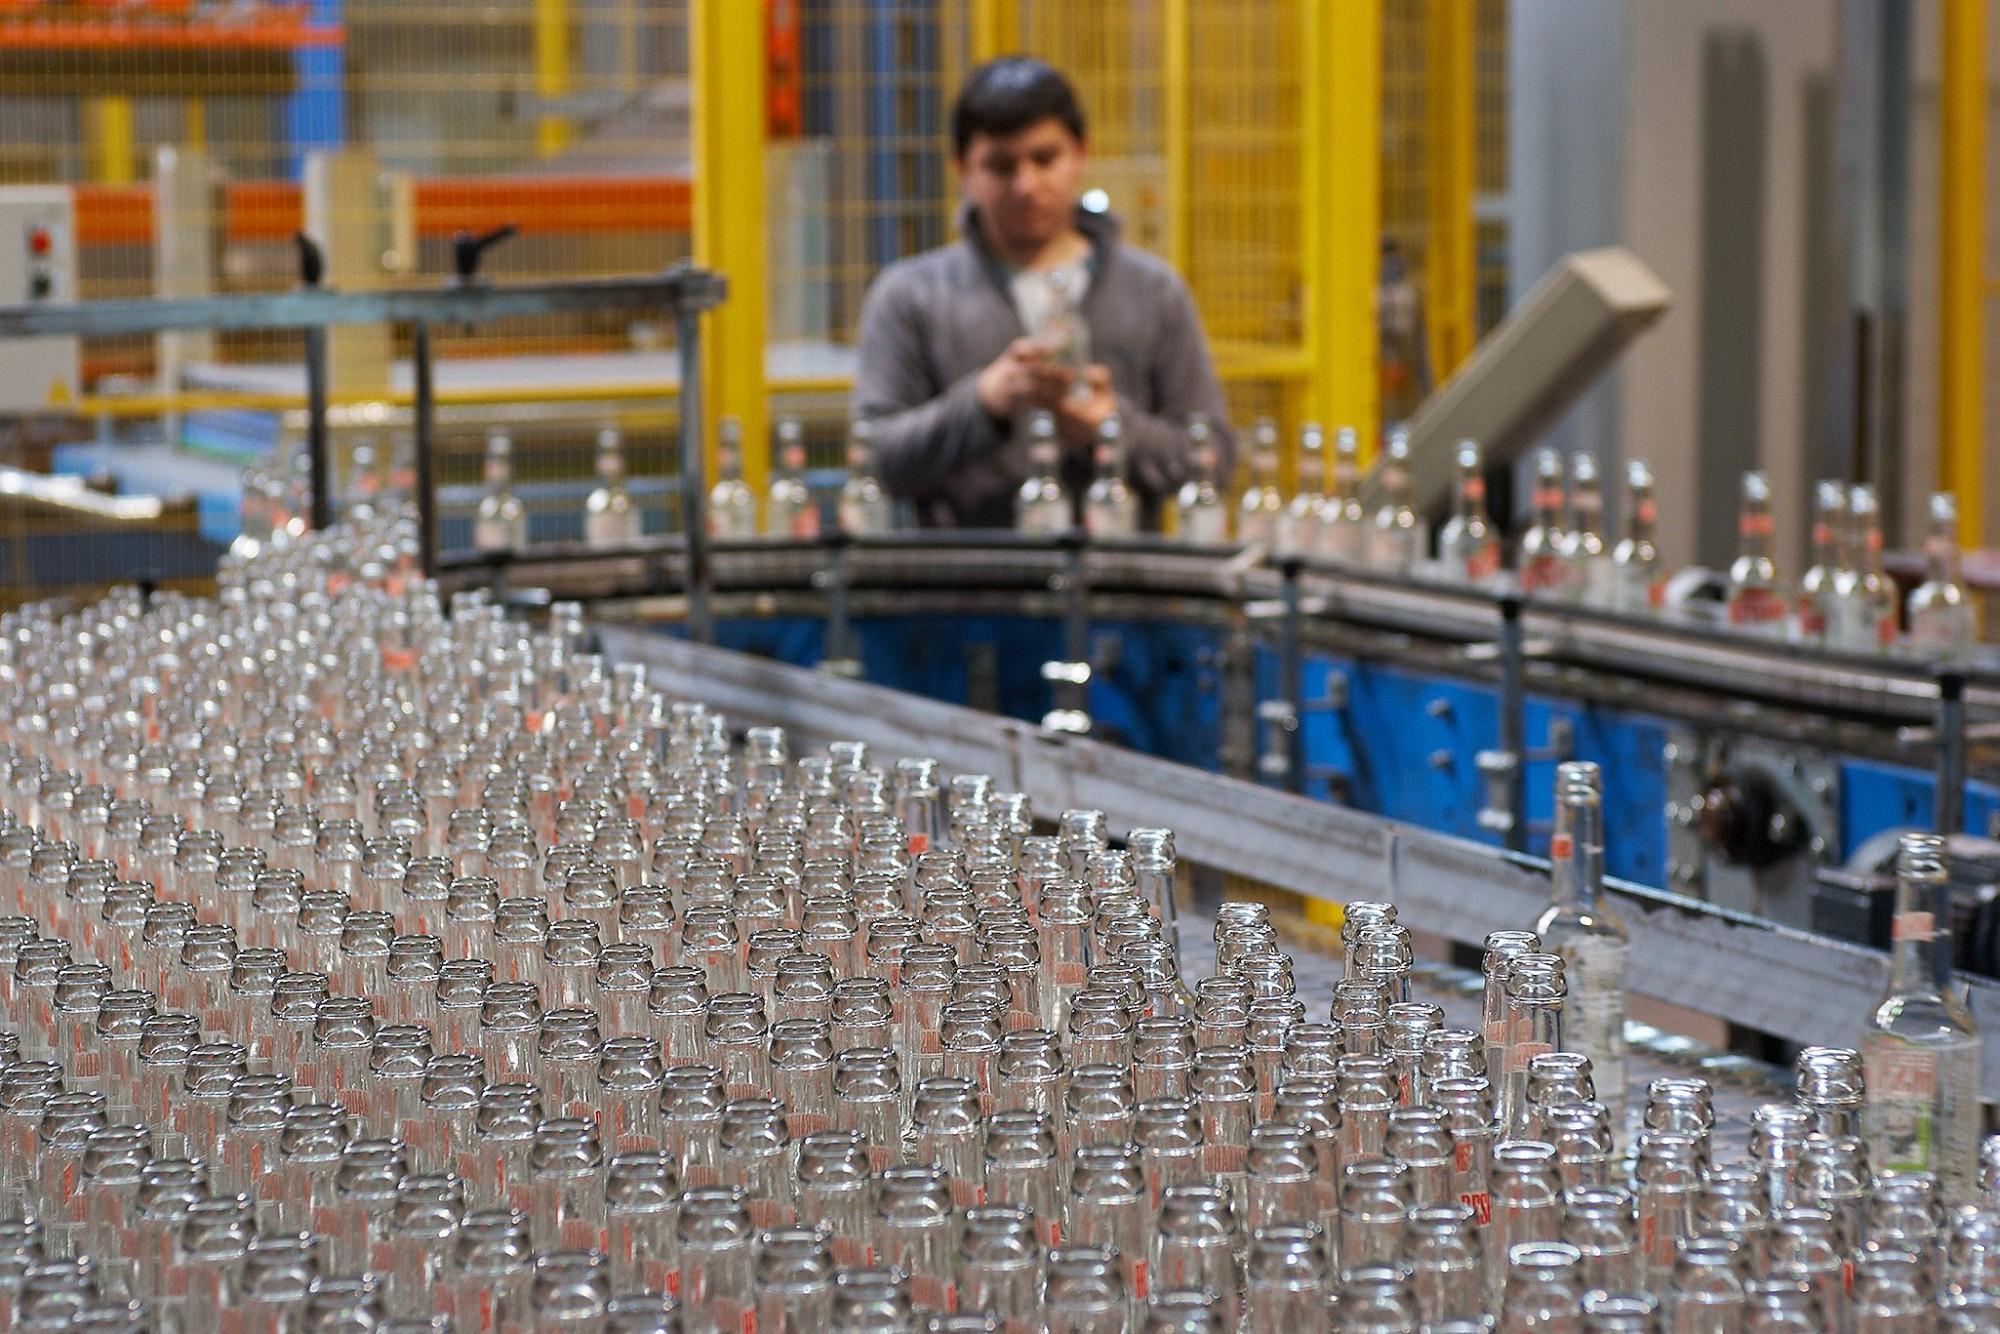 Afbeelding: Bedrijfsreportage fotografie van Decoprint, het bedrukken van glas en flessen.